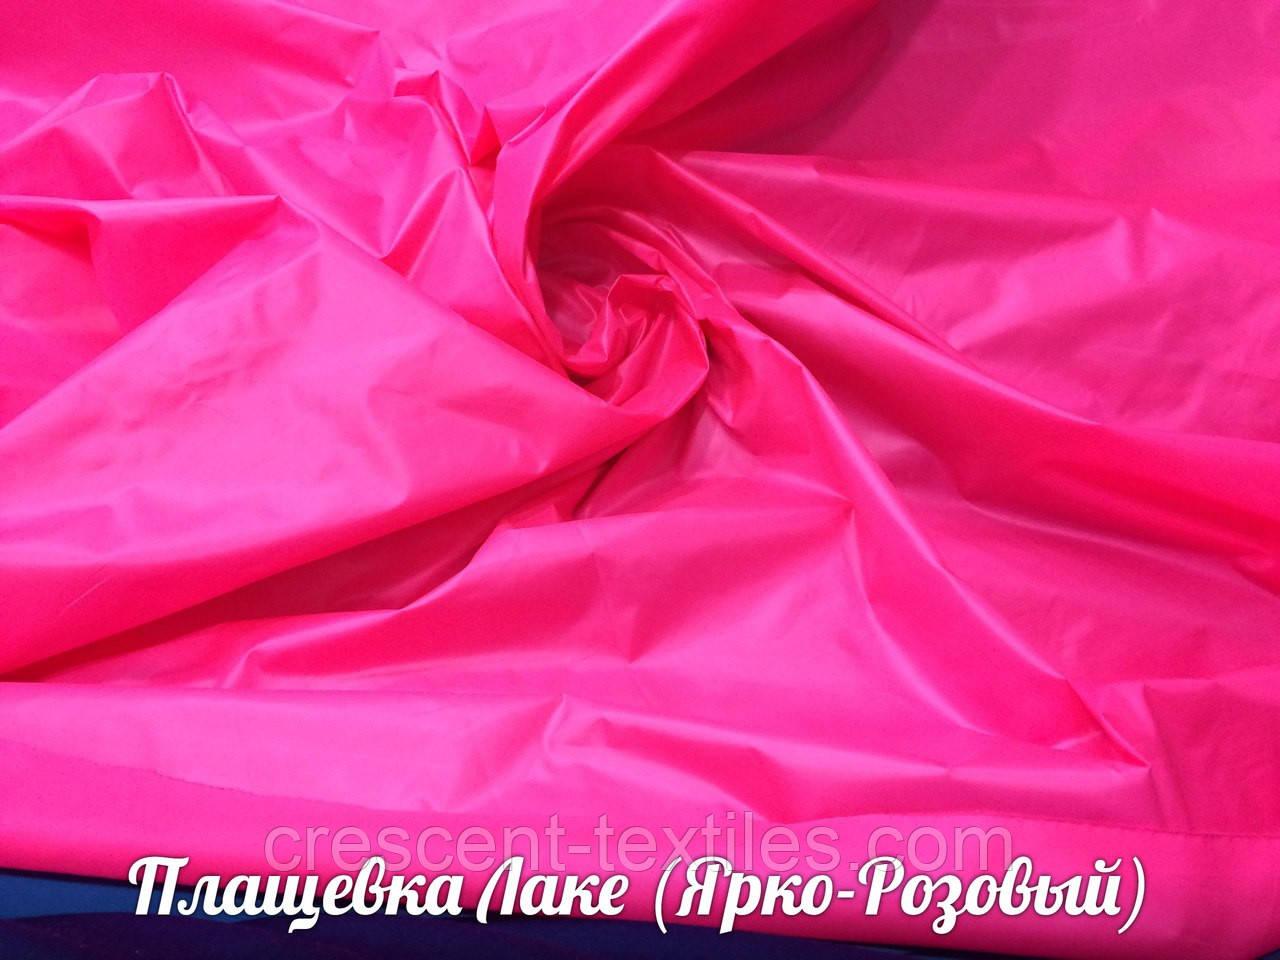 Плащевка Лаке (Ярко-Розовый)